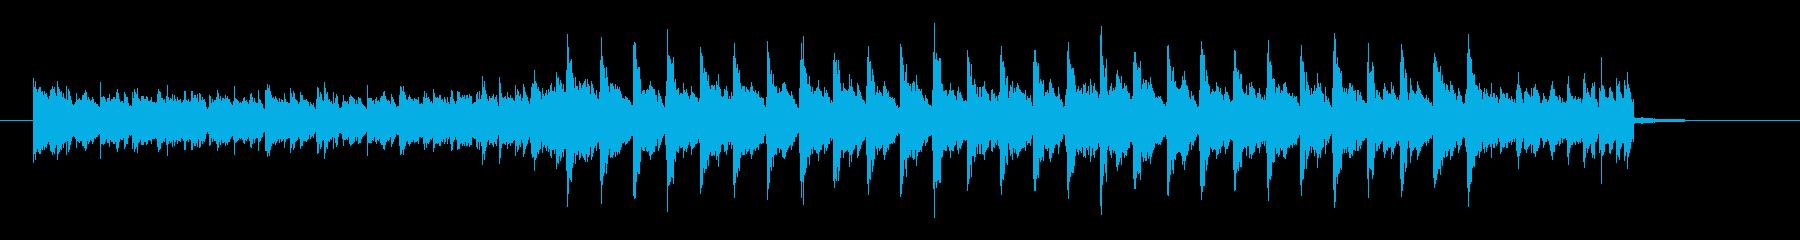 【ピアノ】爽やか ダンス【ラジオ】の再生済みの波形